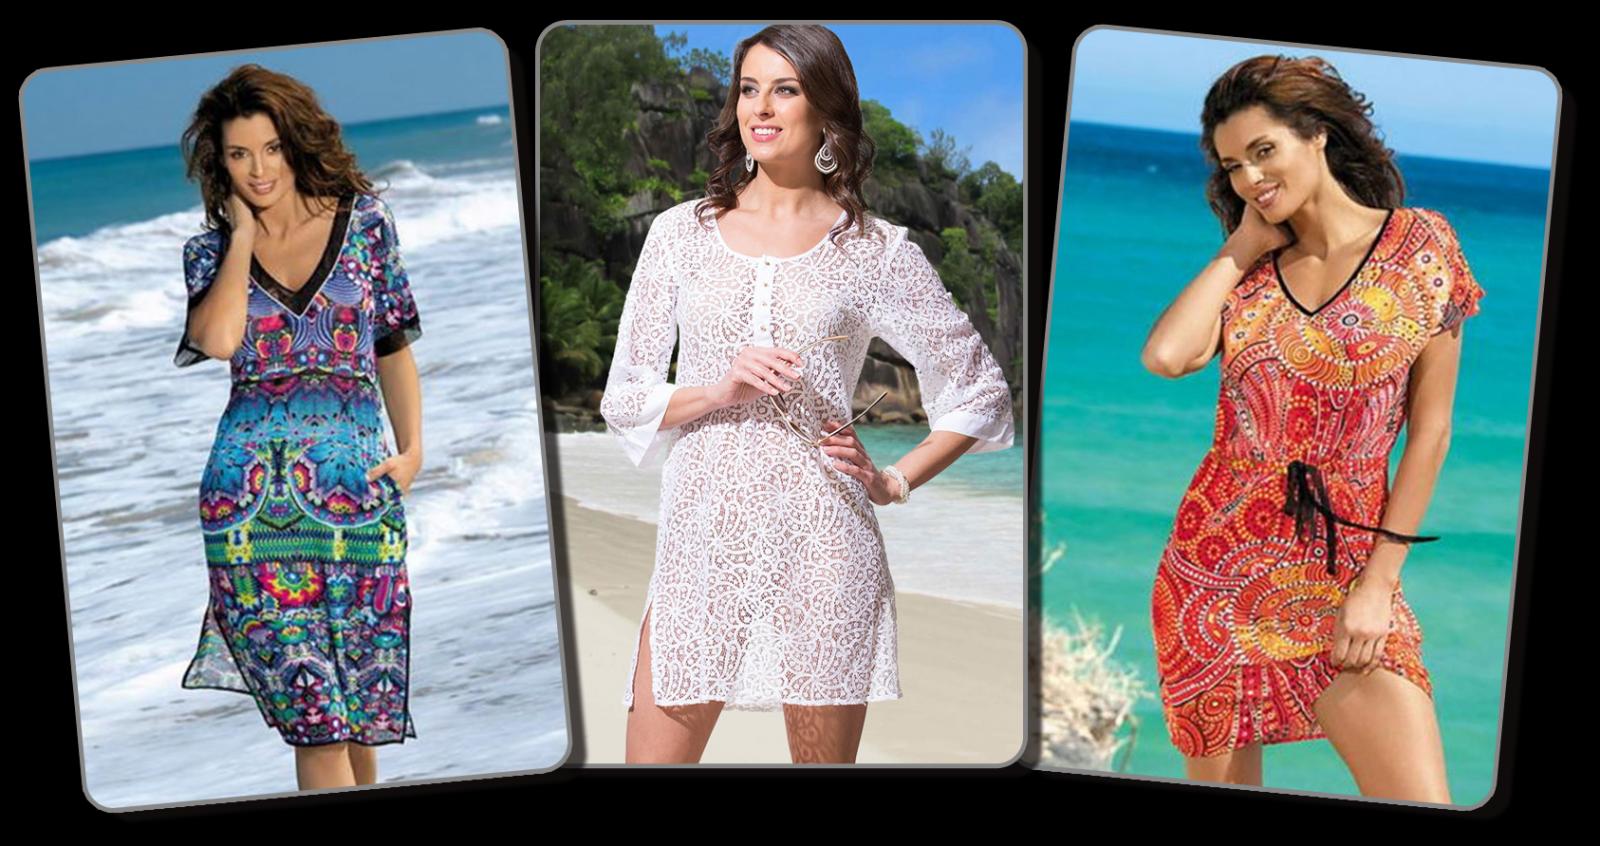 Интернет-магазин «Мир домашнего уюта» представляет новинки женской одежды итальянского бренда «Mia-Mia» - фото №2